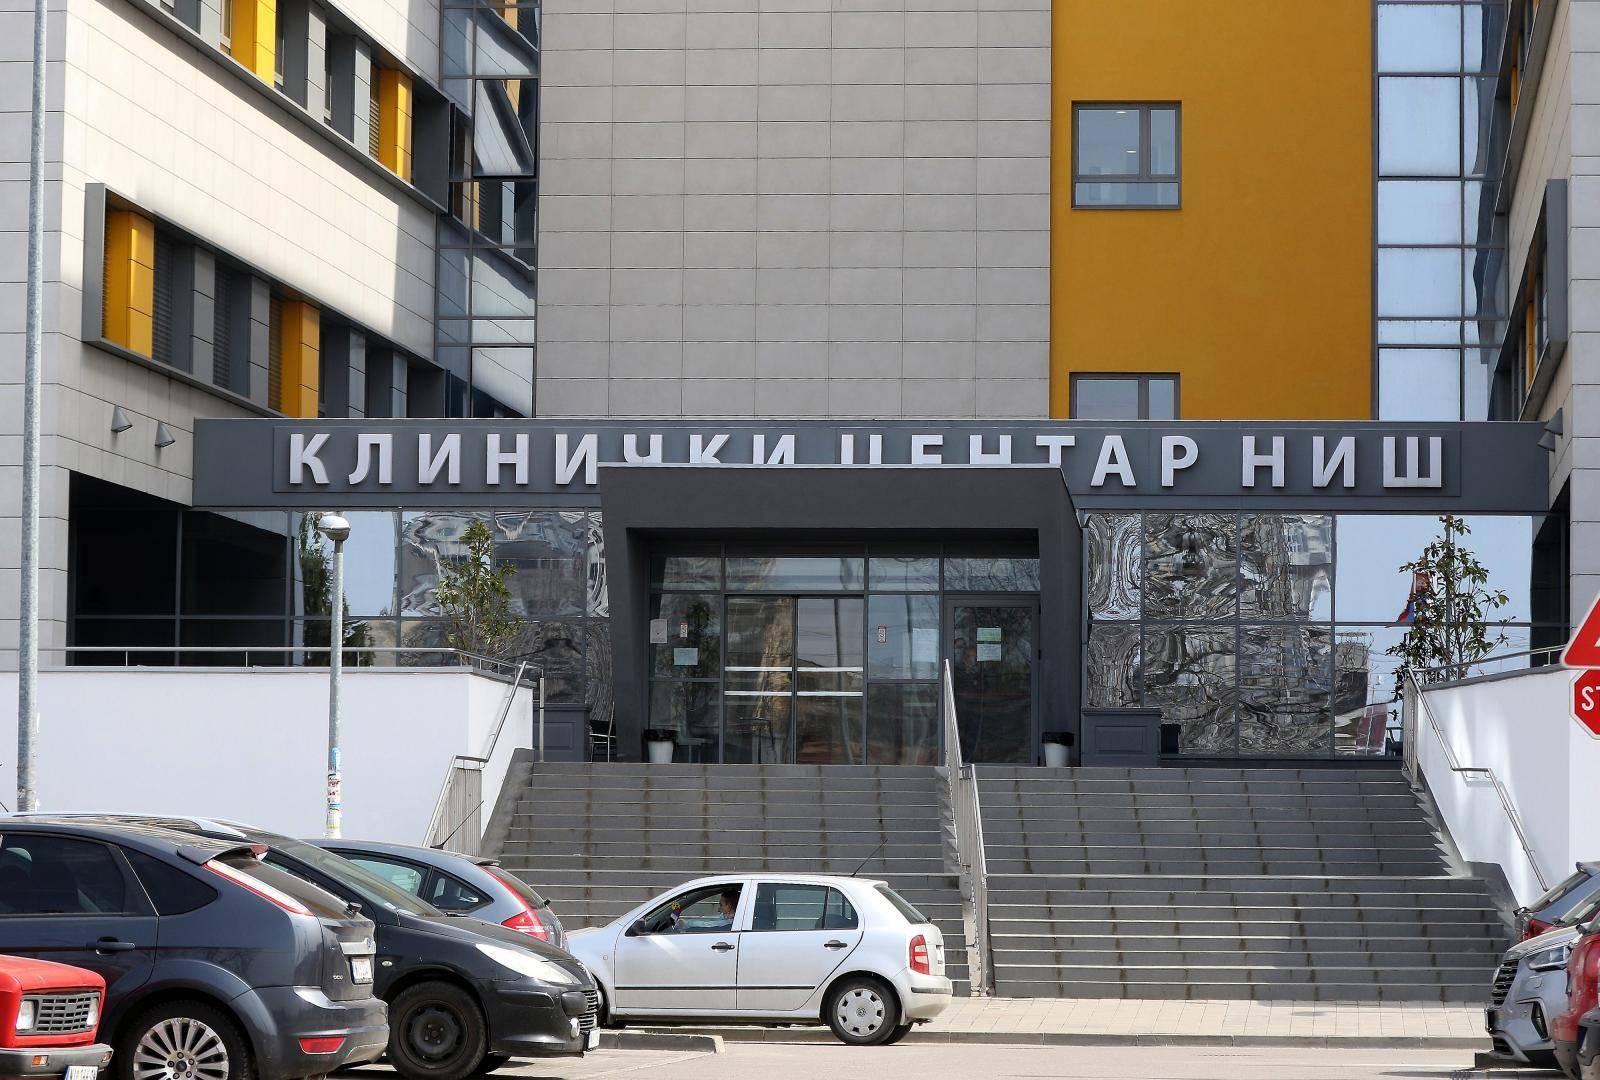 The Building of Clinical Center Nis. Zgrada Klinickog centra Nis.